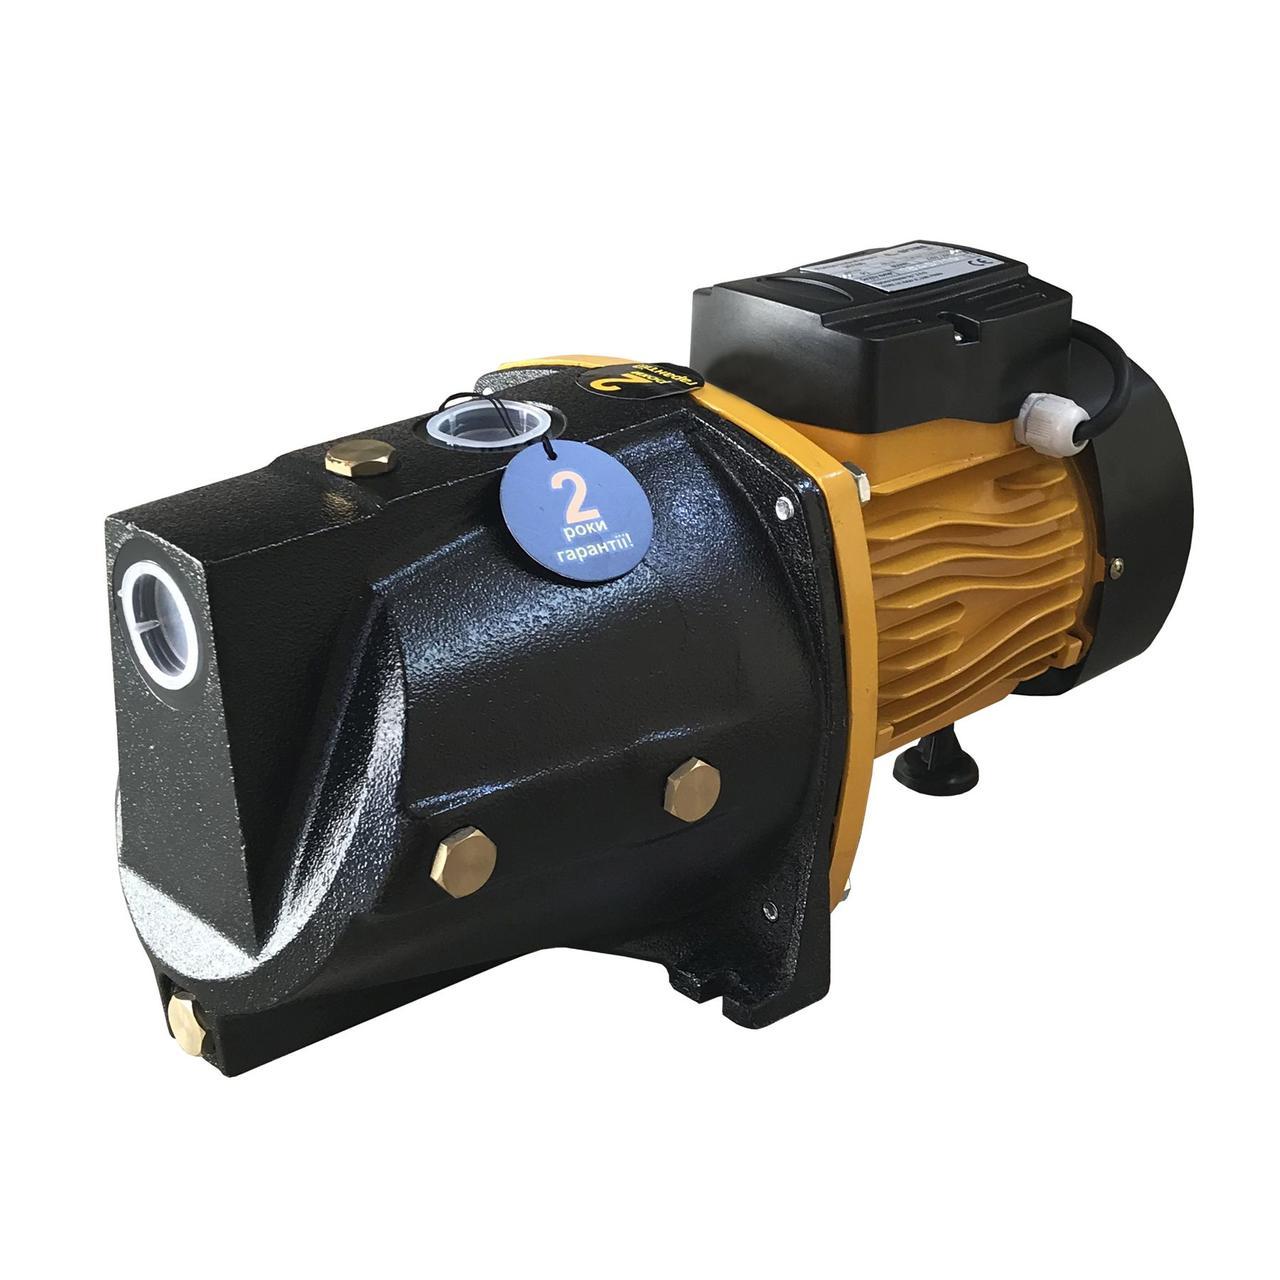 Насос центробежный Optima JET80-PL 0,8 кВт чугун длинный